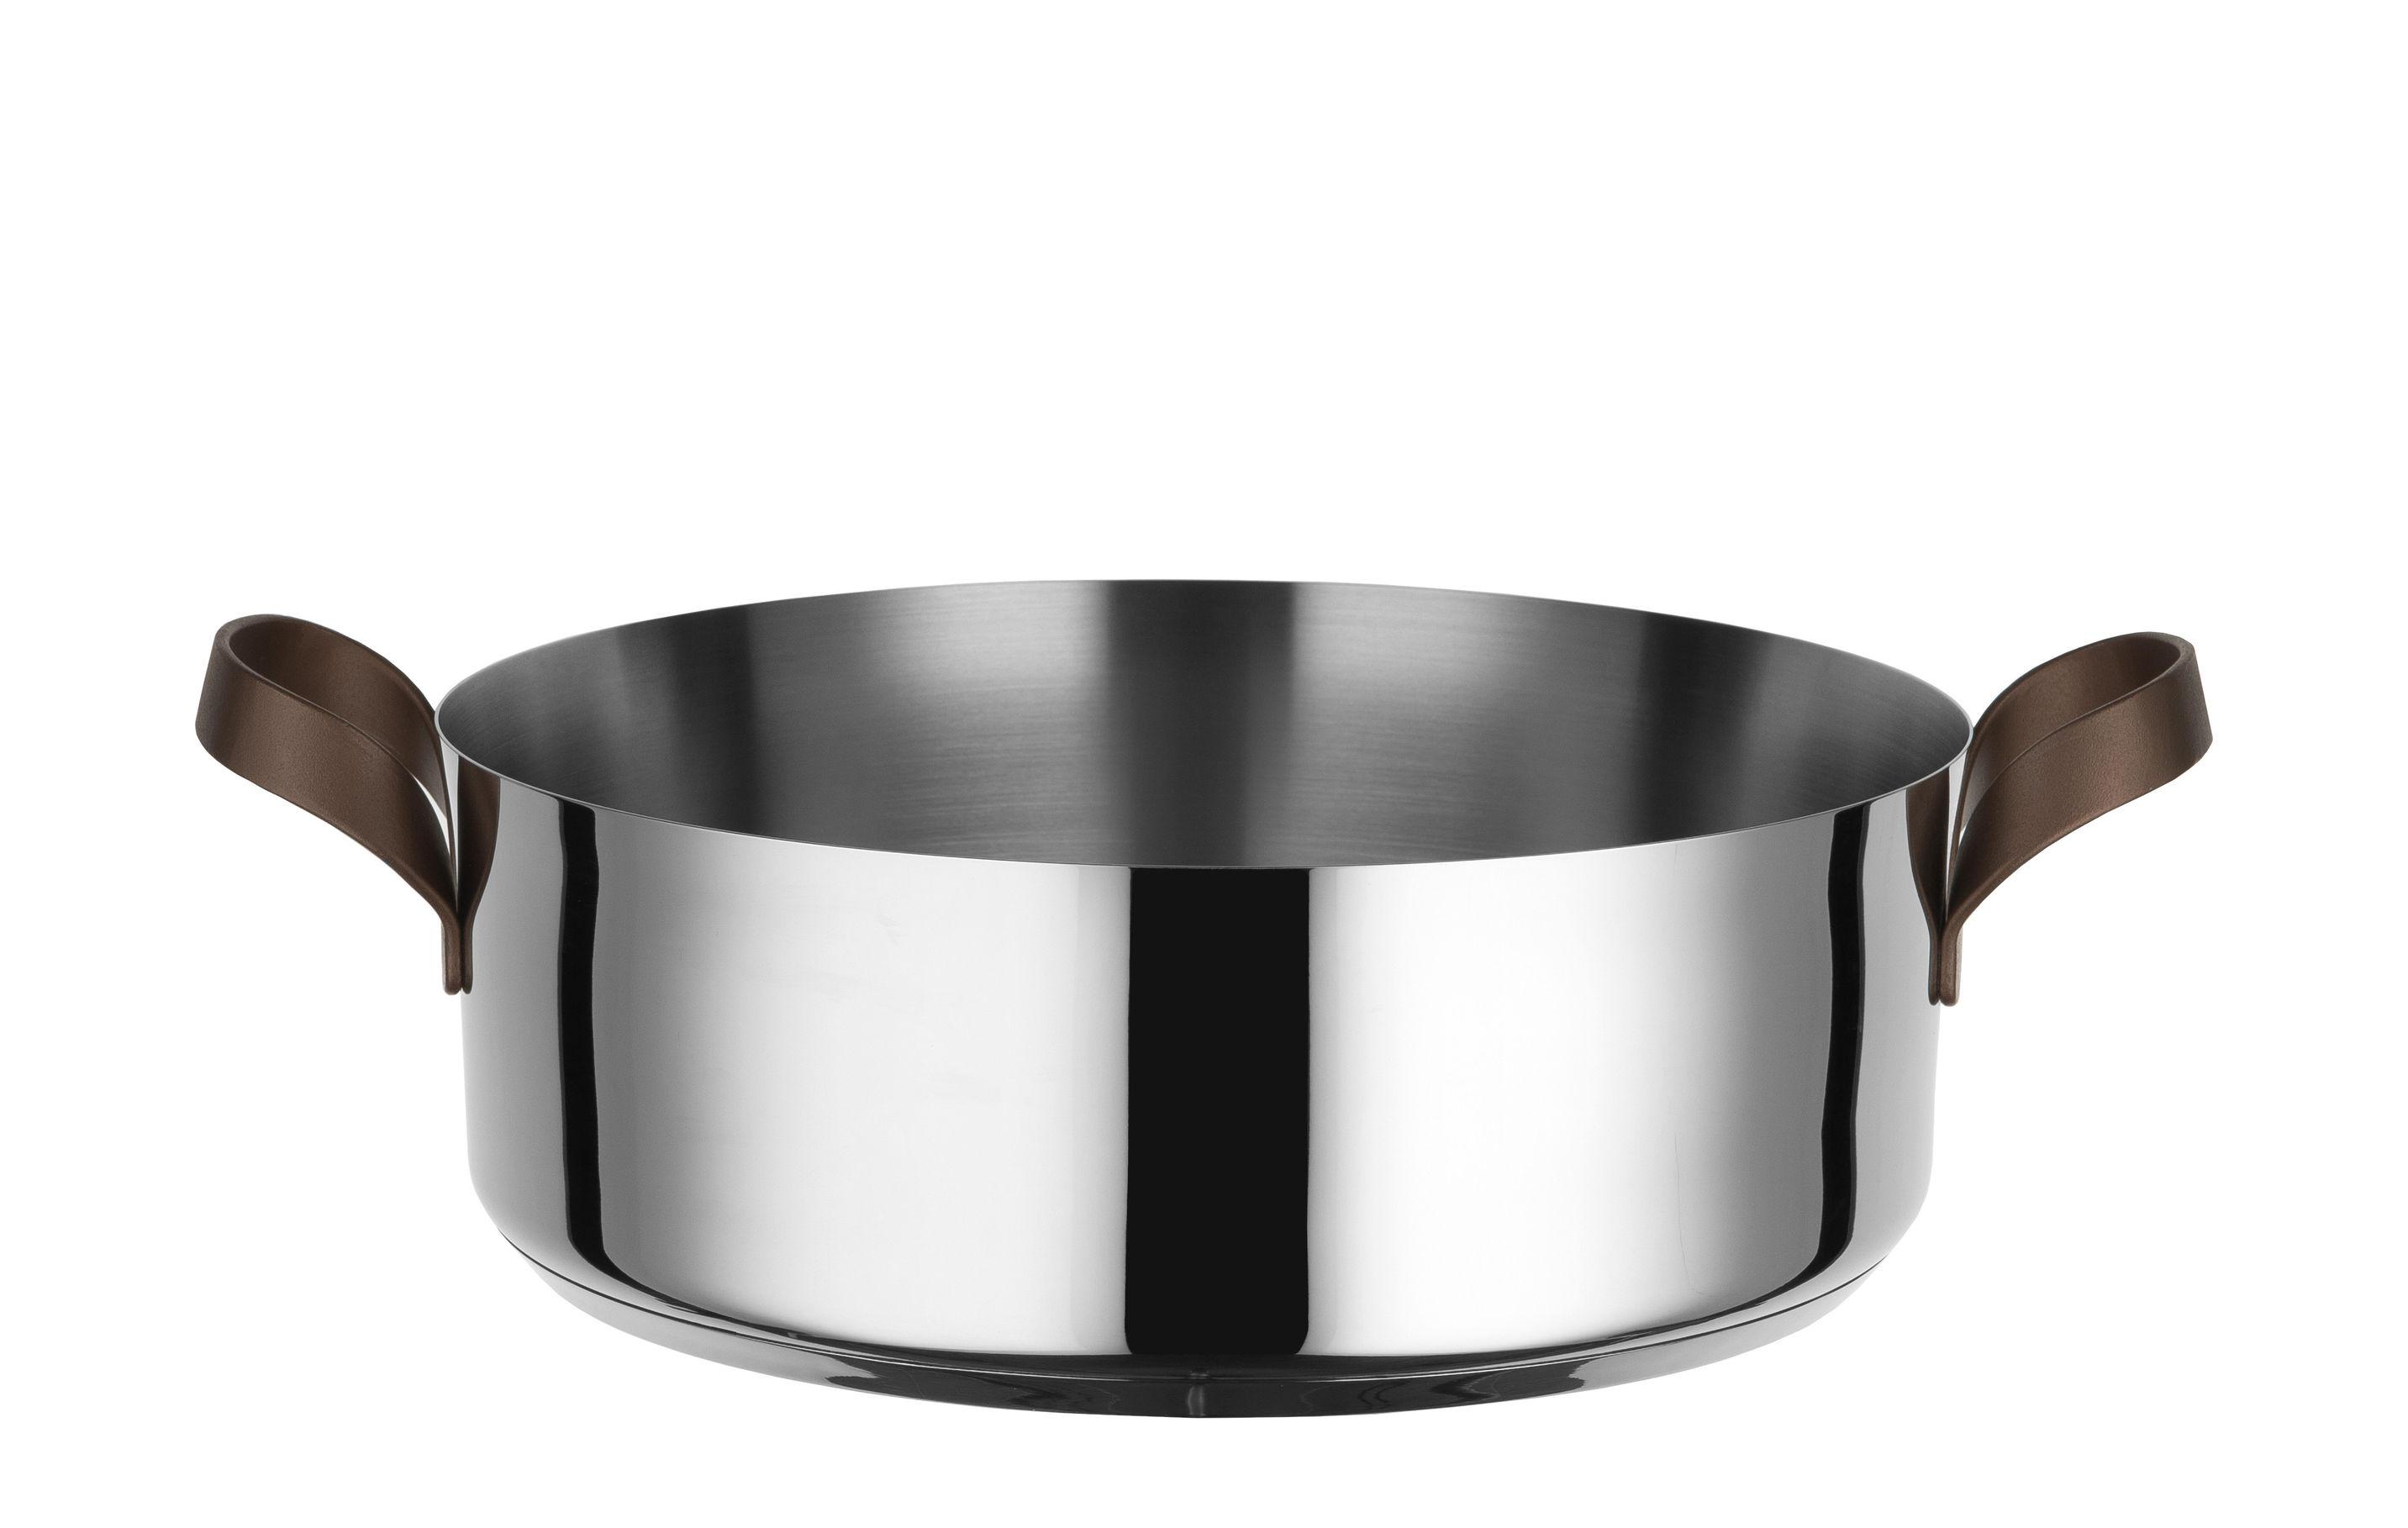 Cucina - Pentole, Padelle e Casseruole - Casseruola conica Edo - / H 10 cm - 3,25 L di Alessi - Acciaio / Manici marrone - Acier inoxydable 18/10